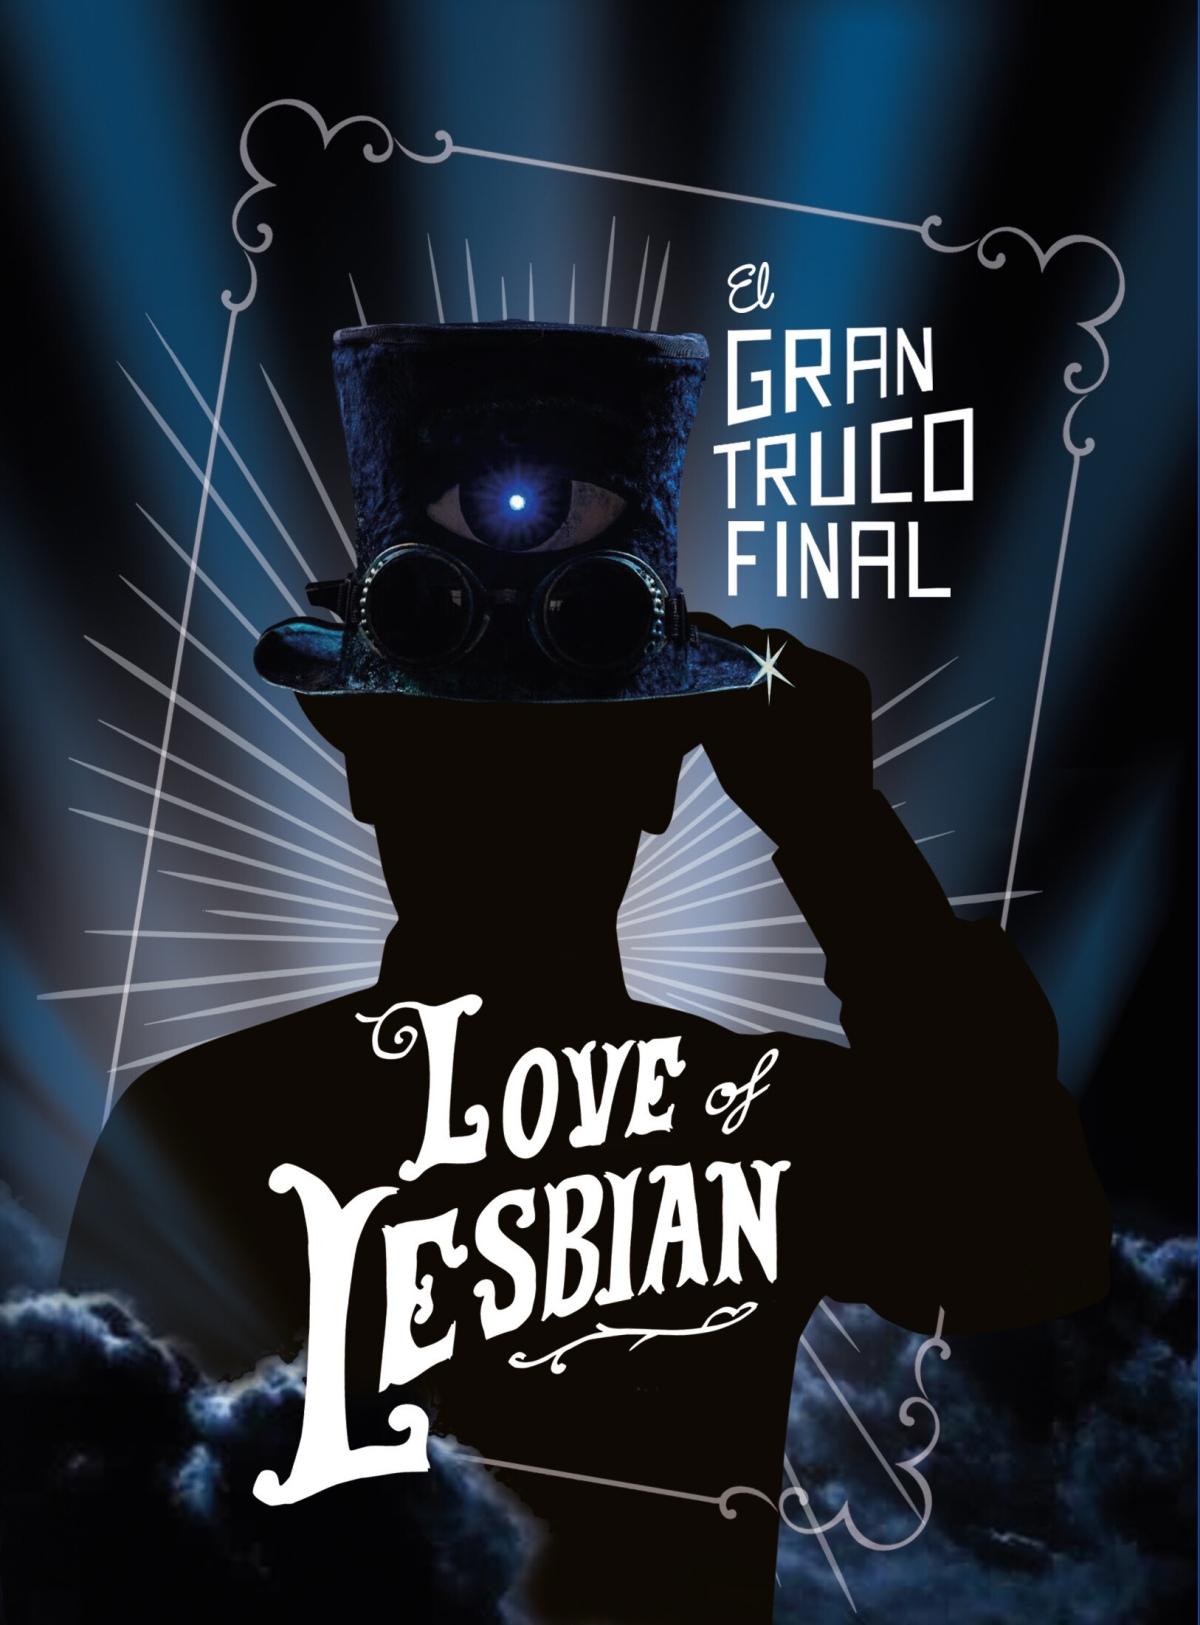 Love of lesbian cumple 20 años, celebran con disco en vivo y concierto enCDMX.